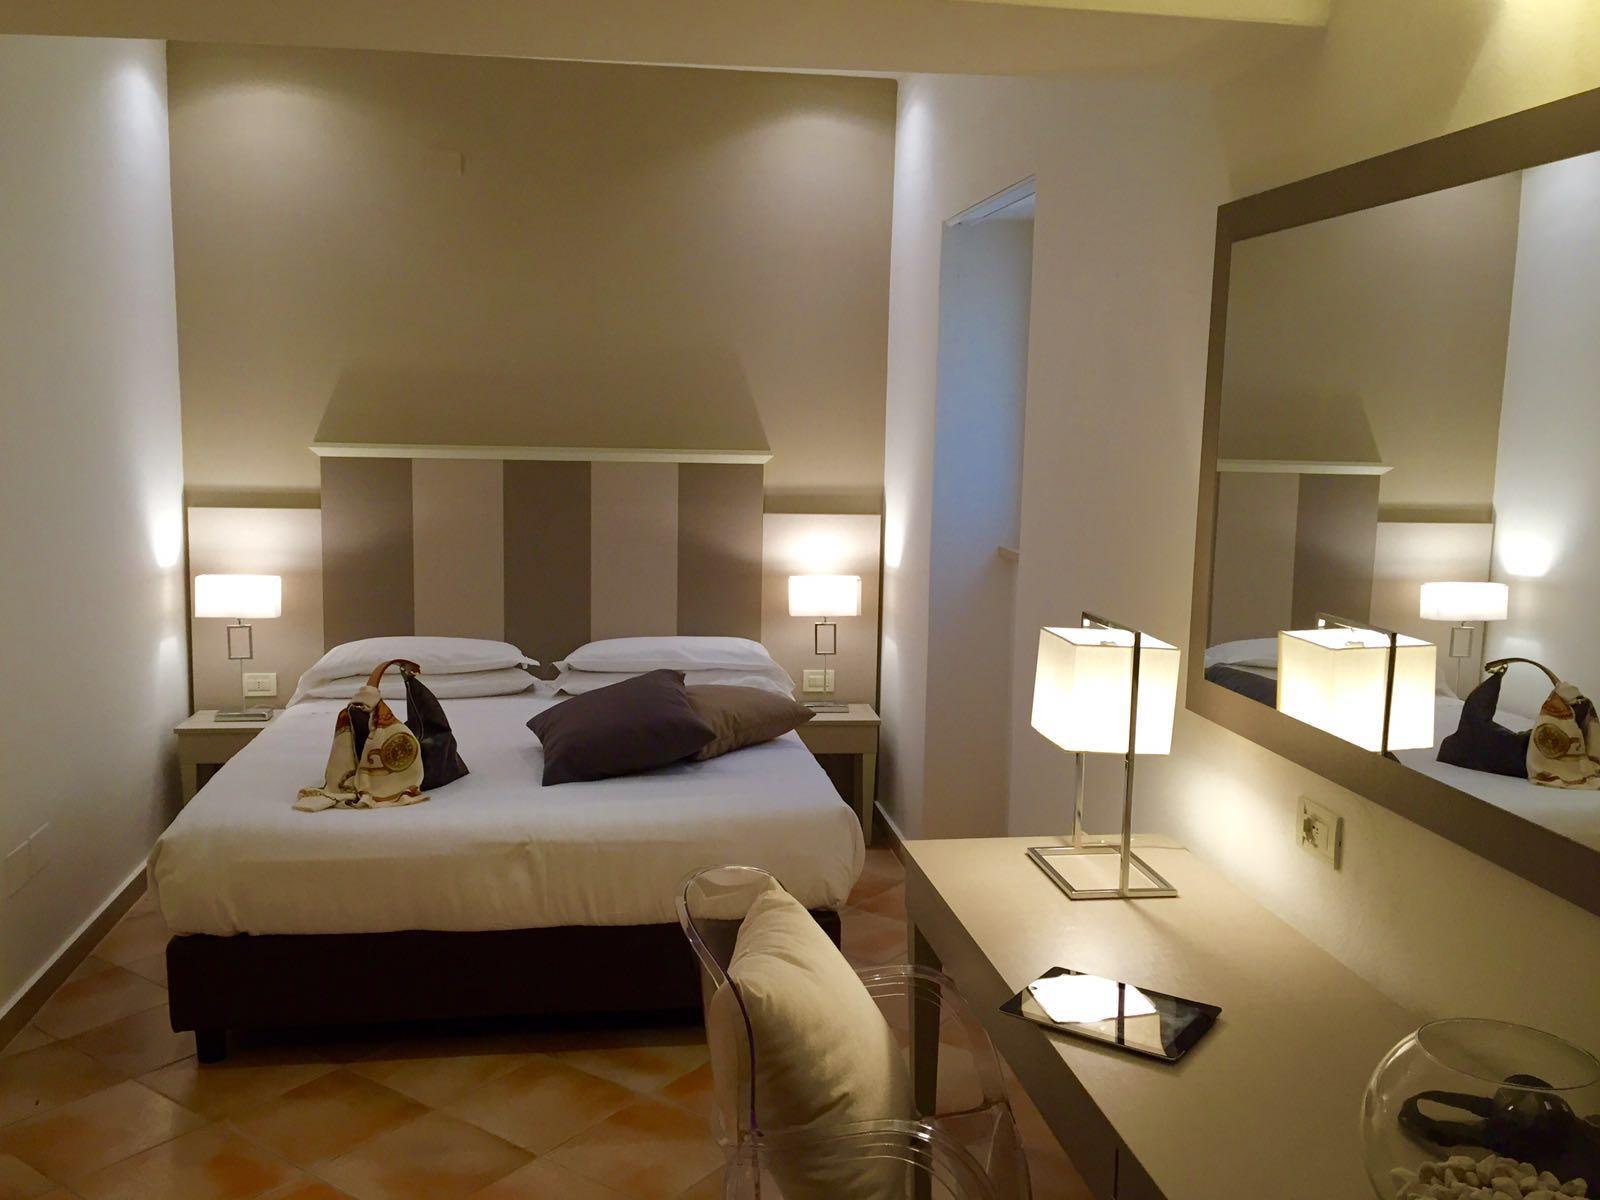 Arredamento Camere Da Letto Alberghi : Camere arredamento albergo with